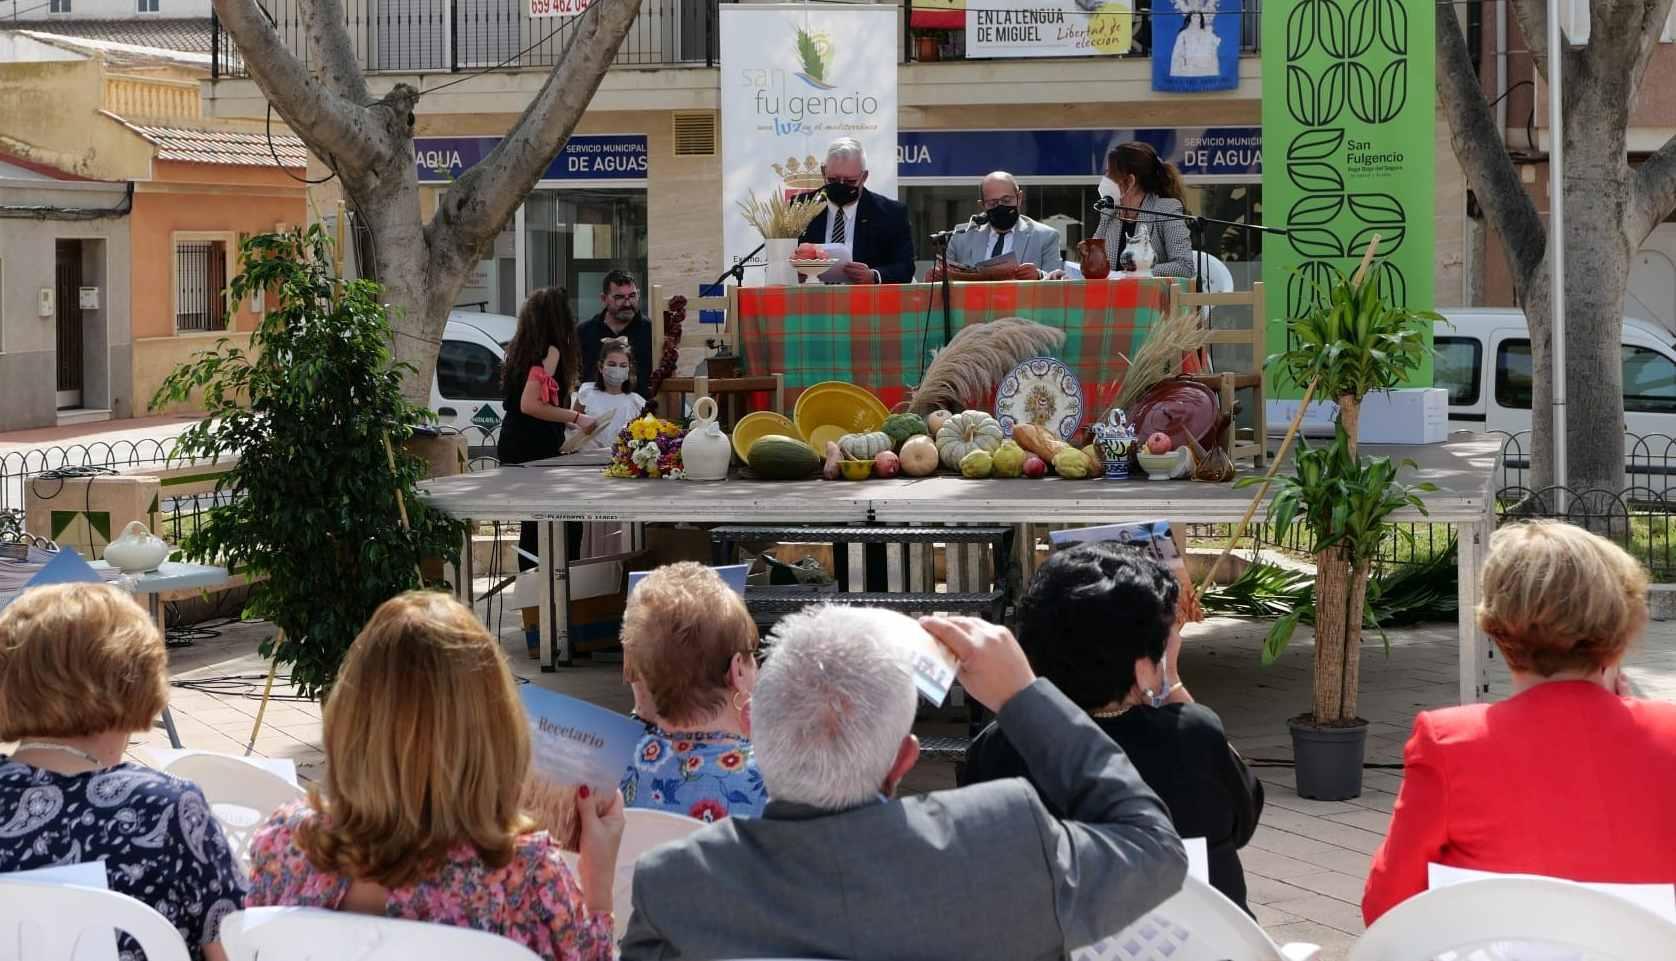 La Concejalía de Turismo de San Fulgencio presenta un recetario bilingüe de gastronomía tradicional